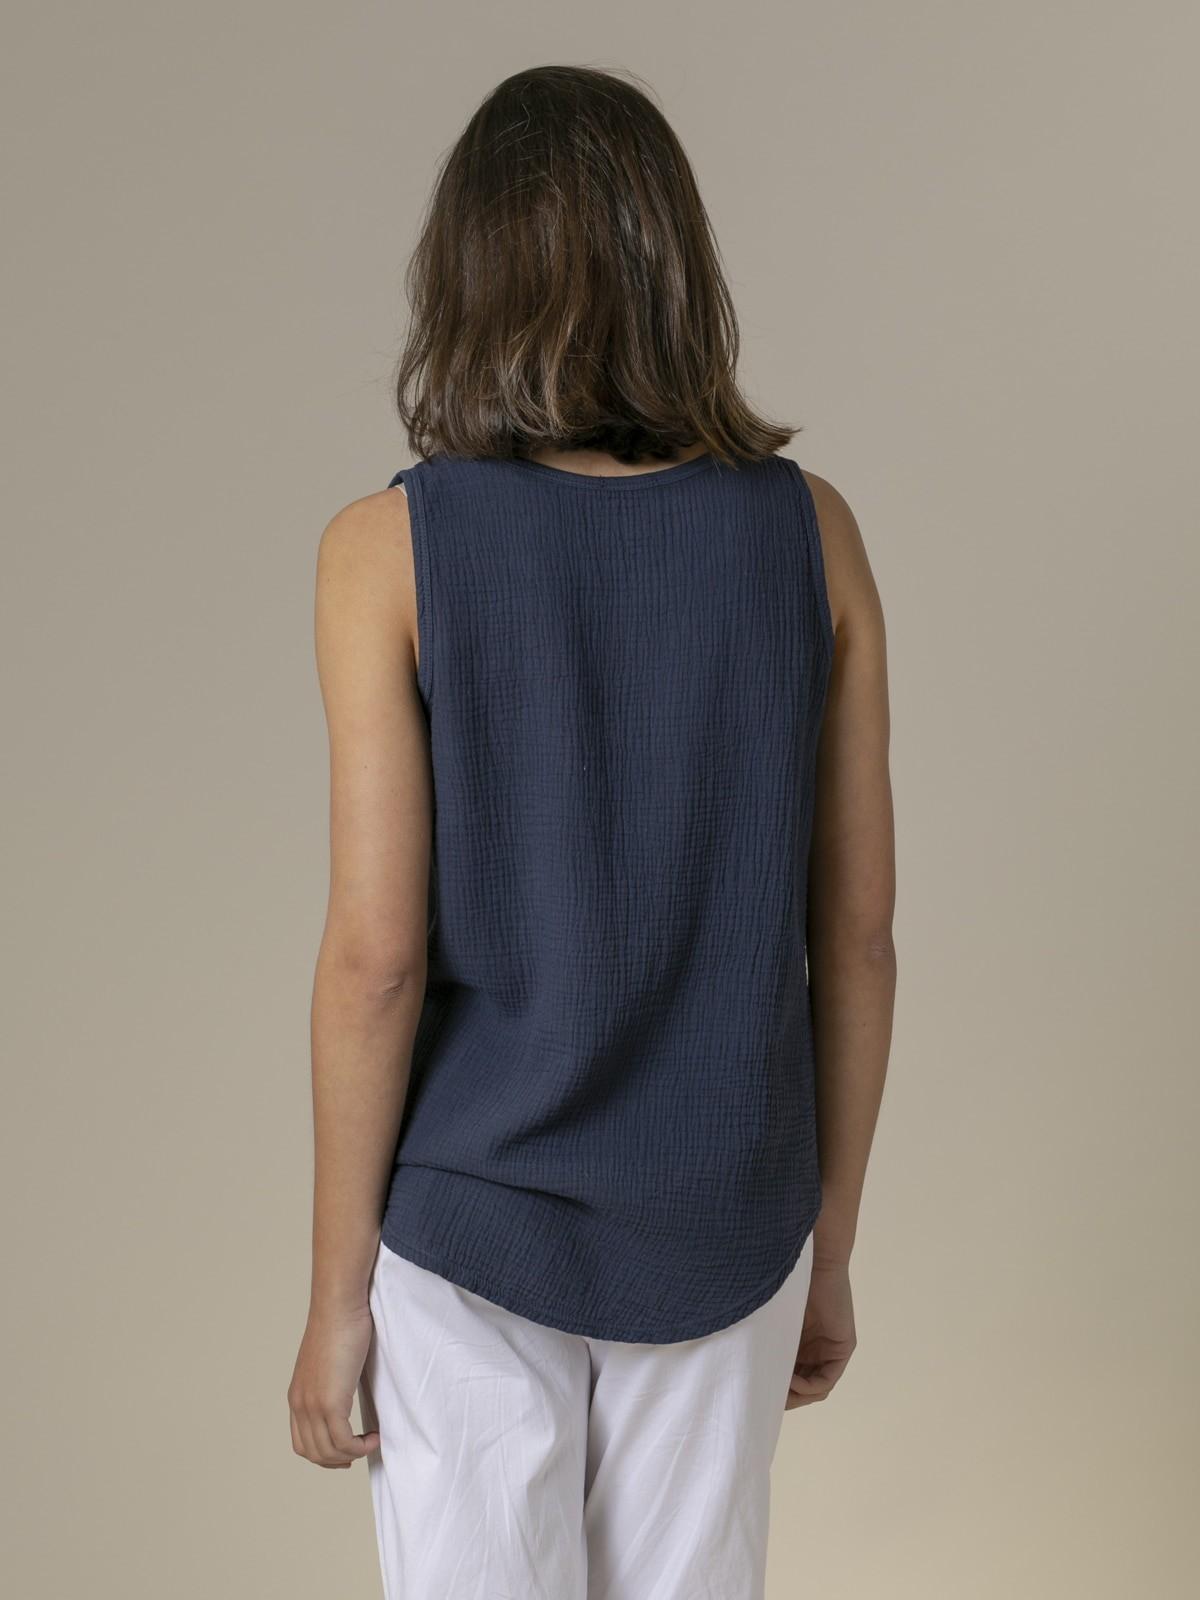 Top de algodón arrugado Azul Marino